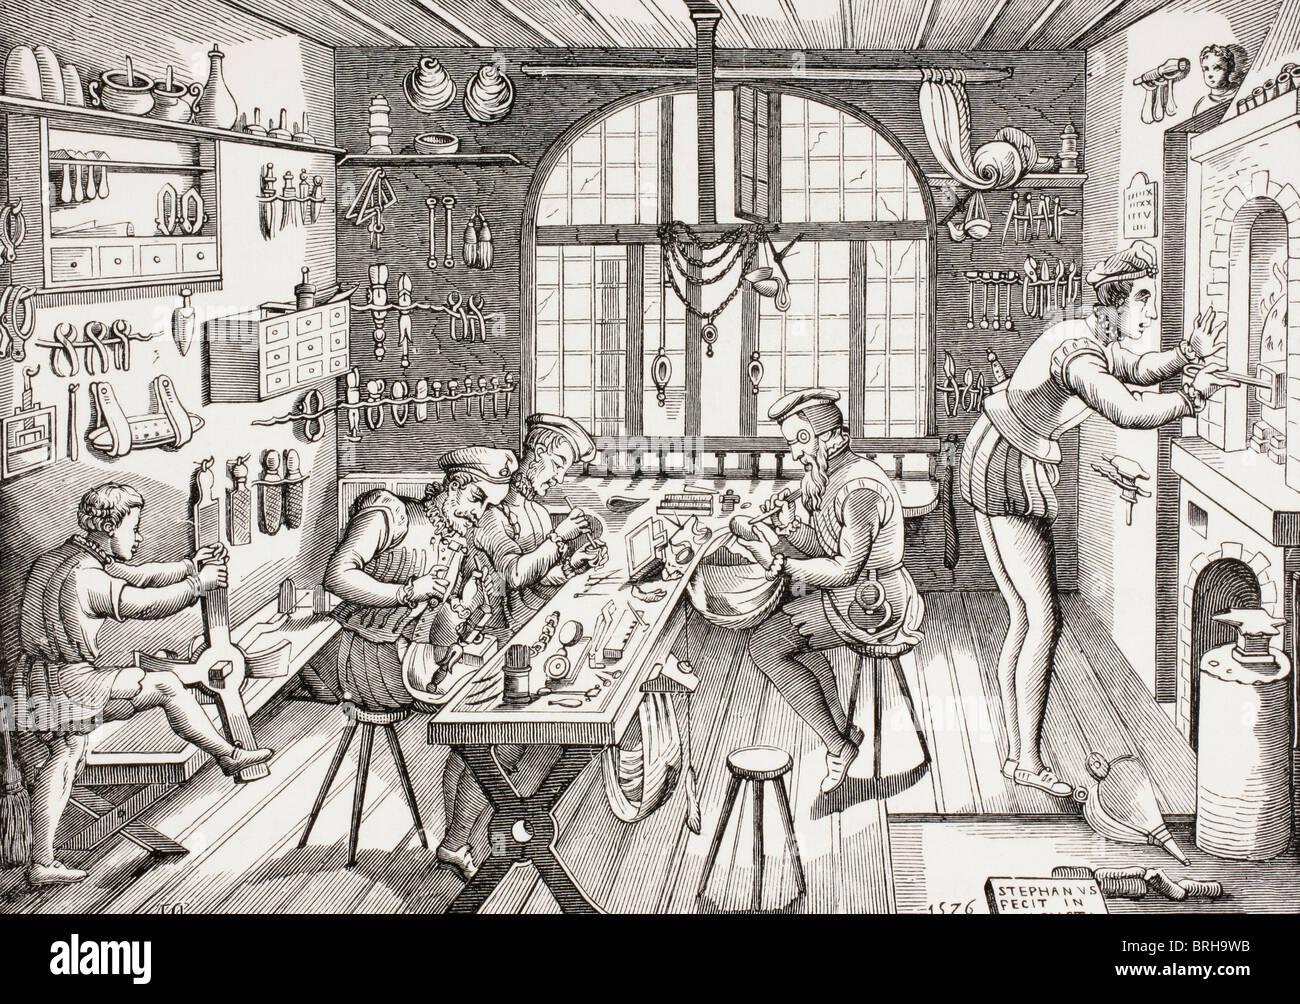 Étienne Delaune, orfèvre français, ch. 1519-1583. L'intérieur de son atelier. Photo Stock